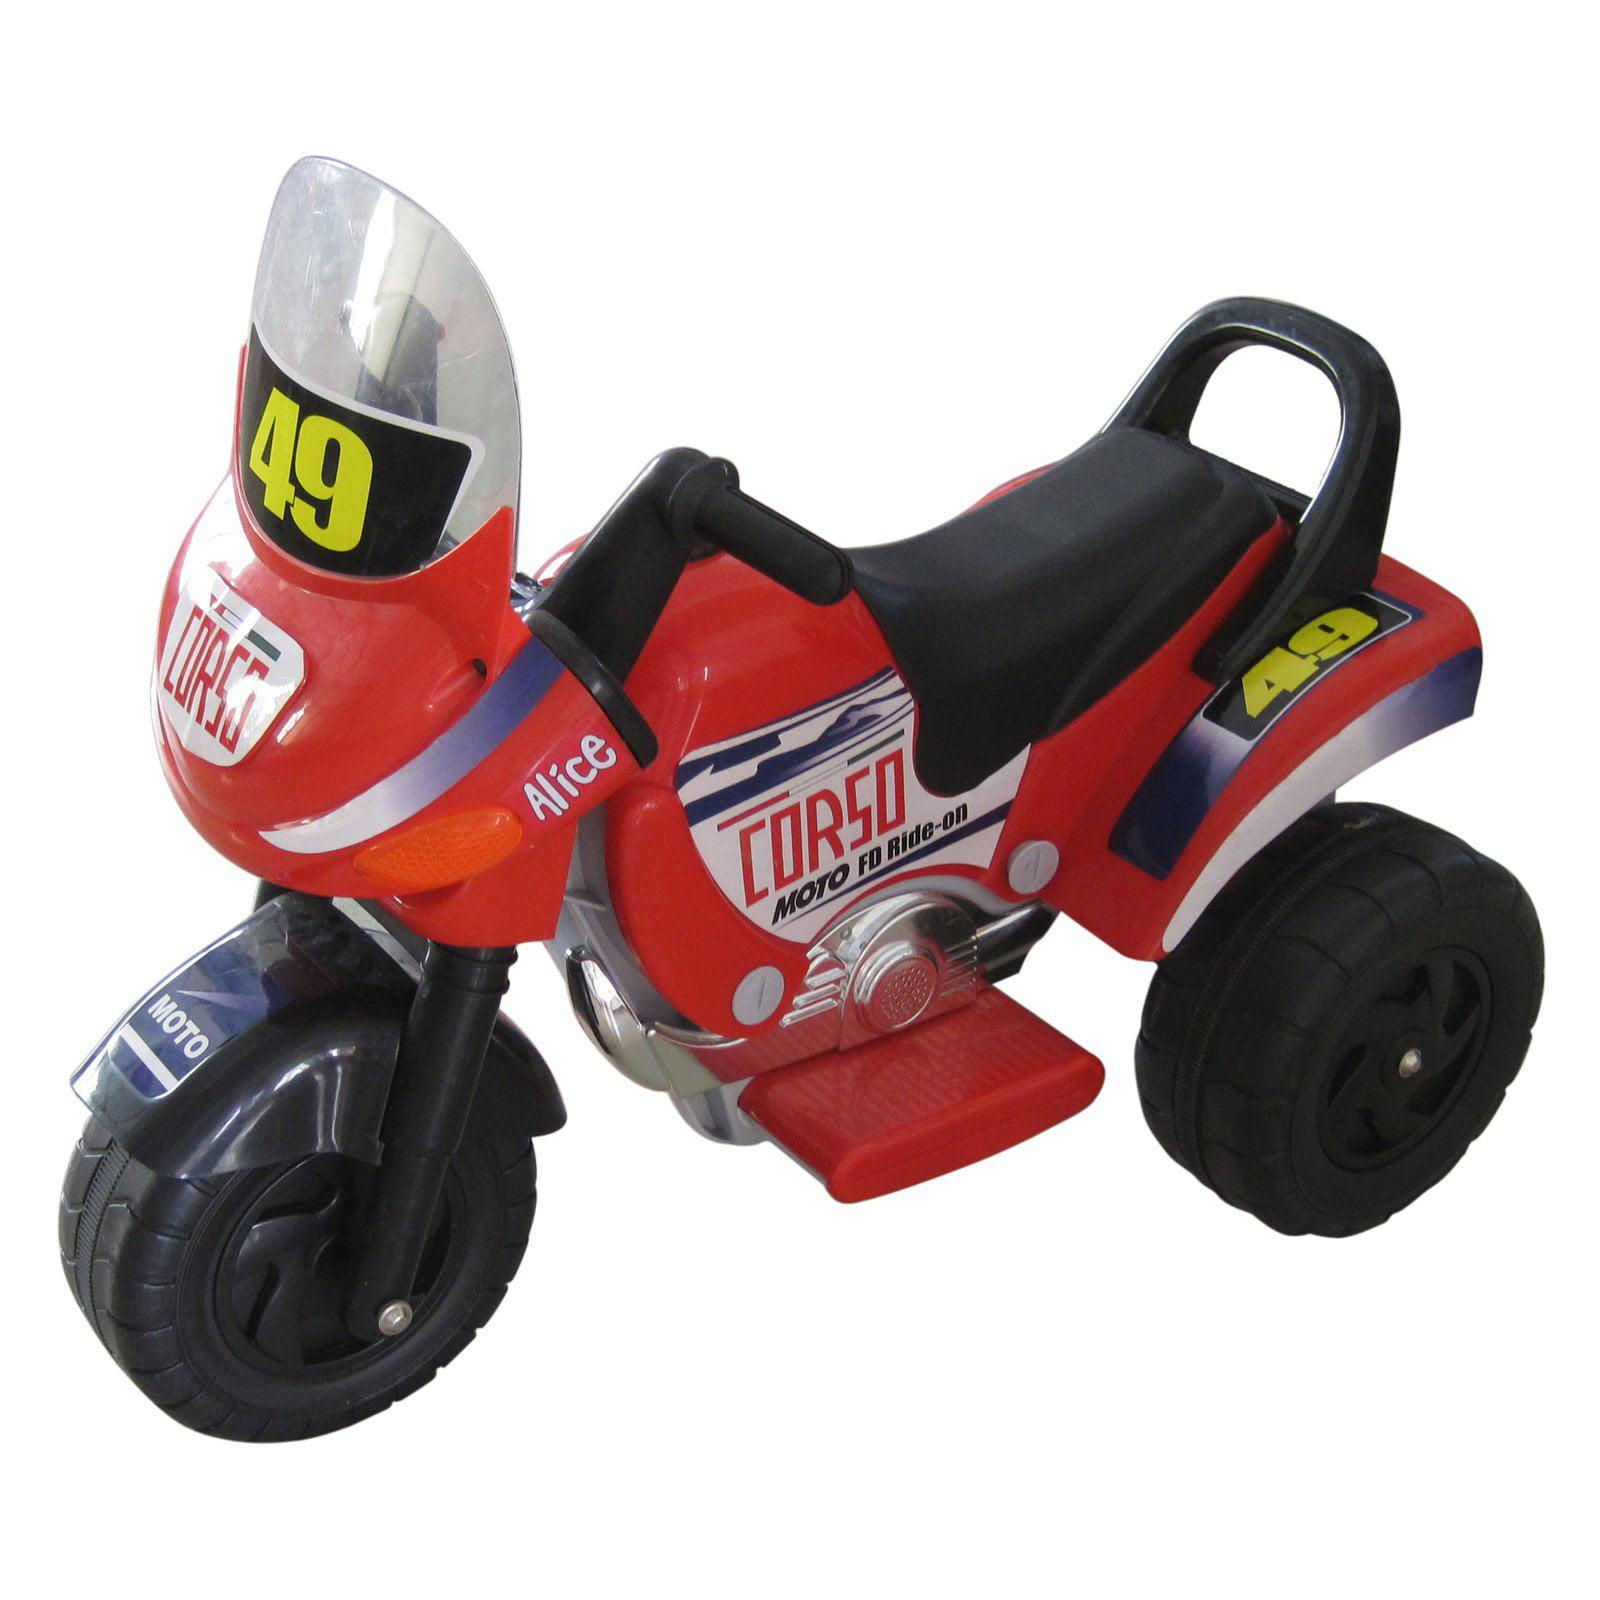 Merske Mini Racer Motorcycle Red by Merske LLC